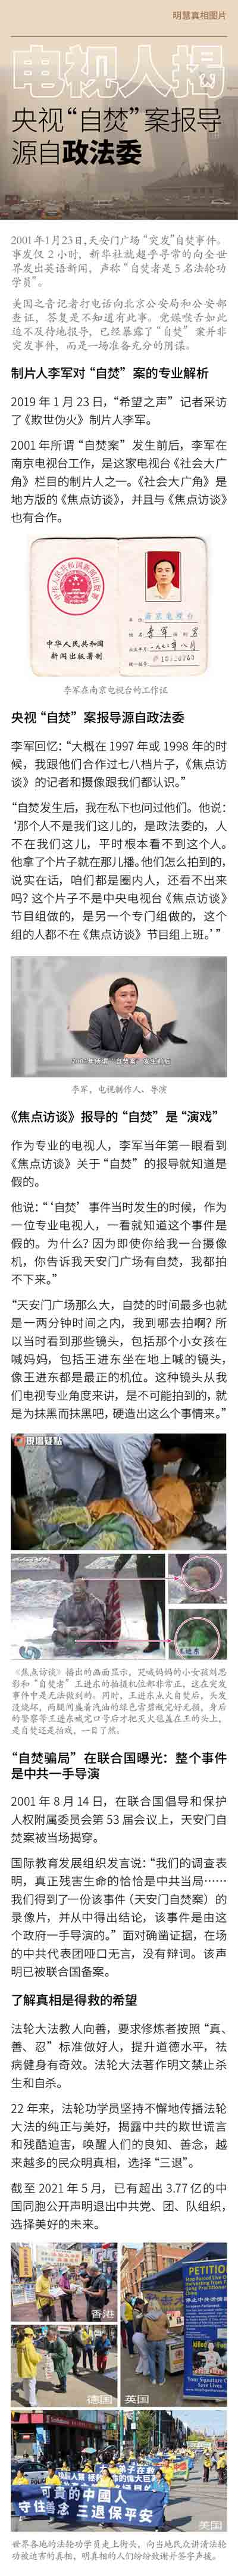 """(2021年05月17日) 手机图片:电视人揭央视""""自焚案""""报导源自政法委"""